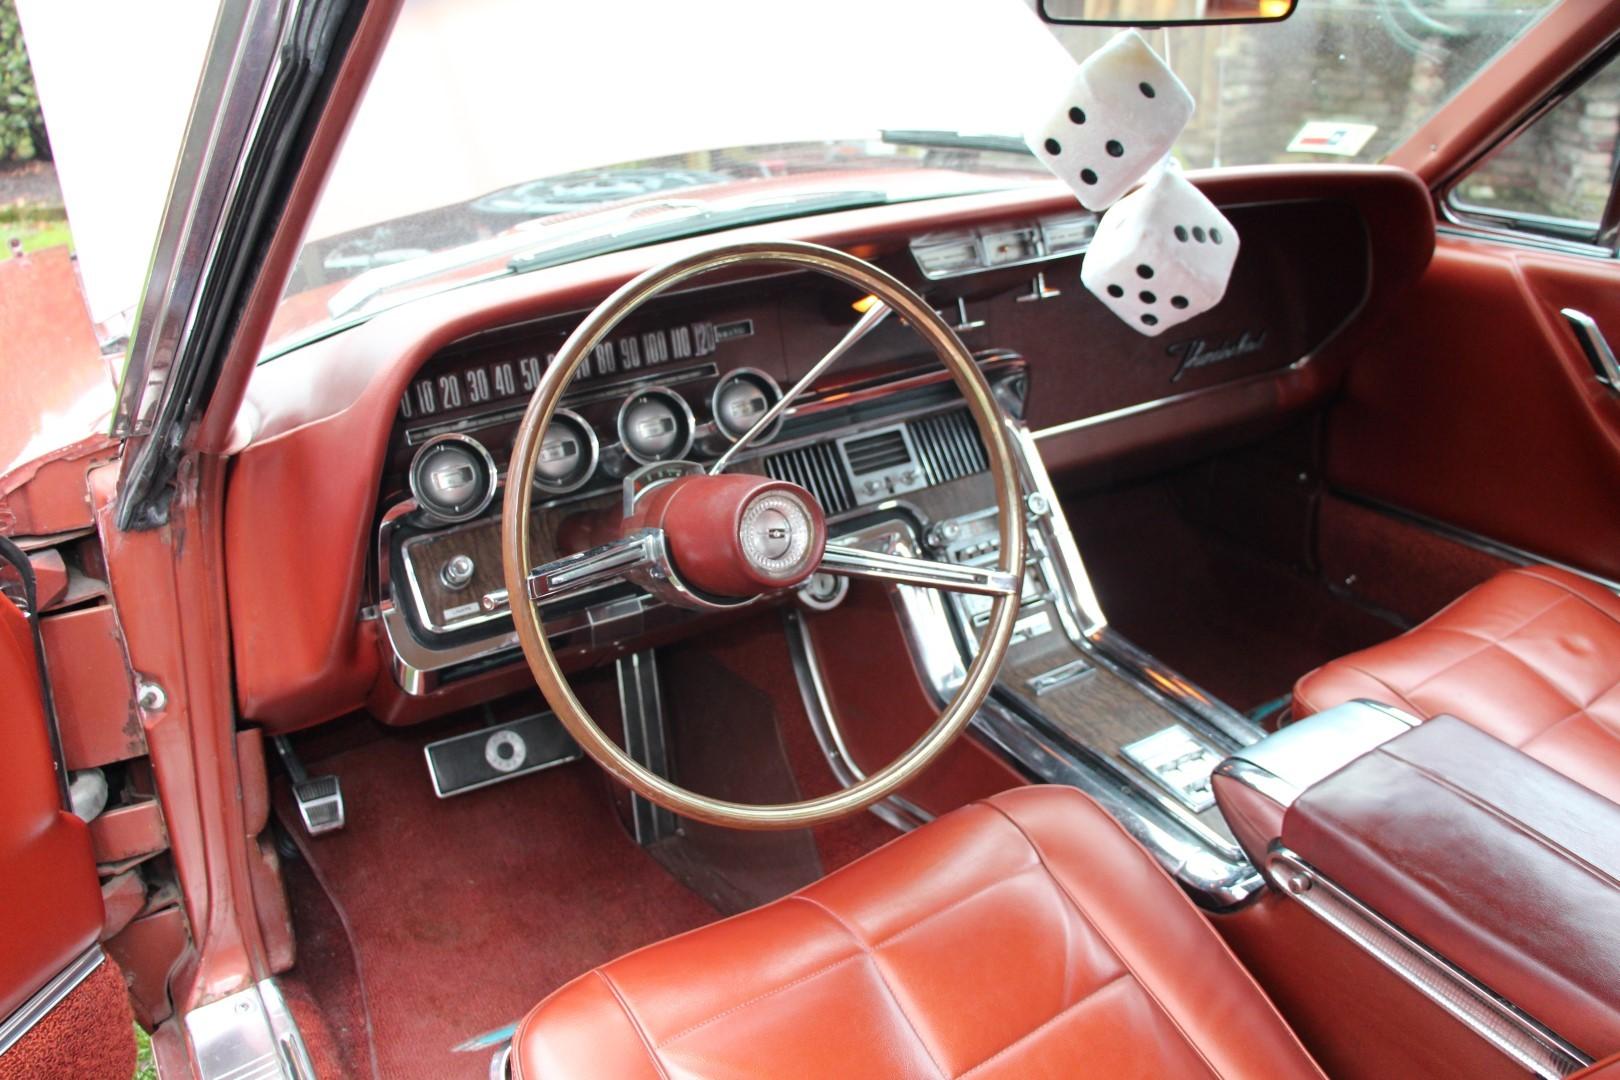 1966 Ford Thunderbird Town Landau 428 - emberglow (11)